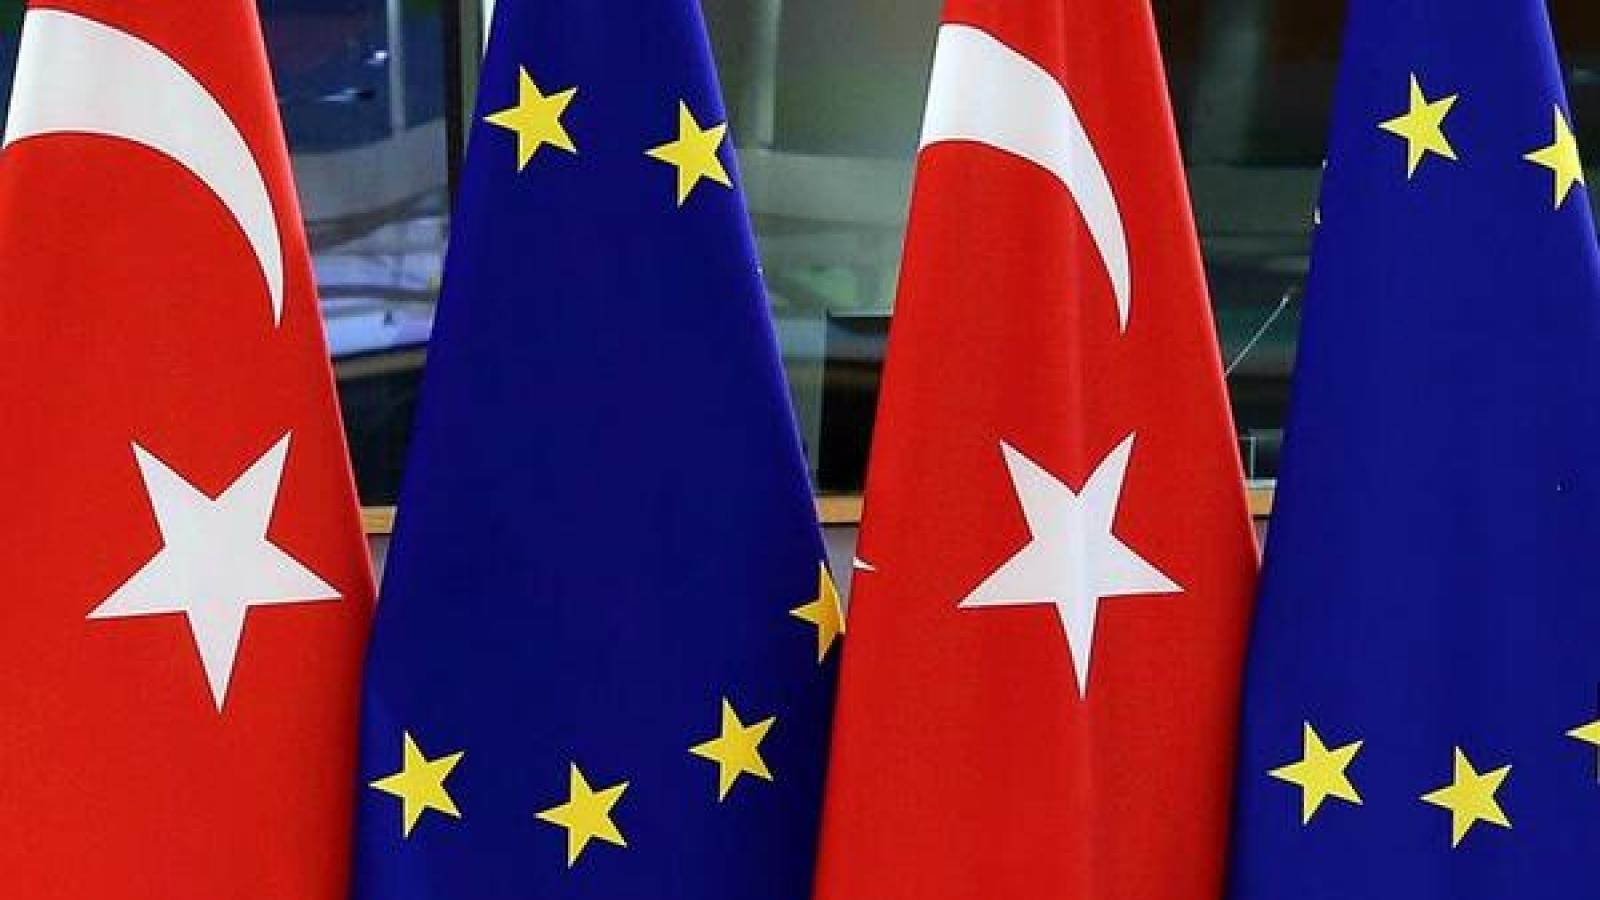 Thổ Nhĩ Kỳ kêu gọi EU đối thoại giảm căng thẳng tại Địa Trung Hải